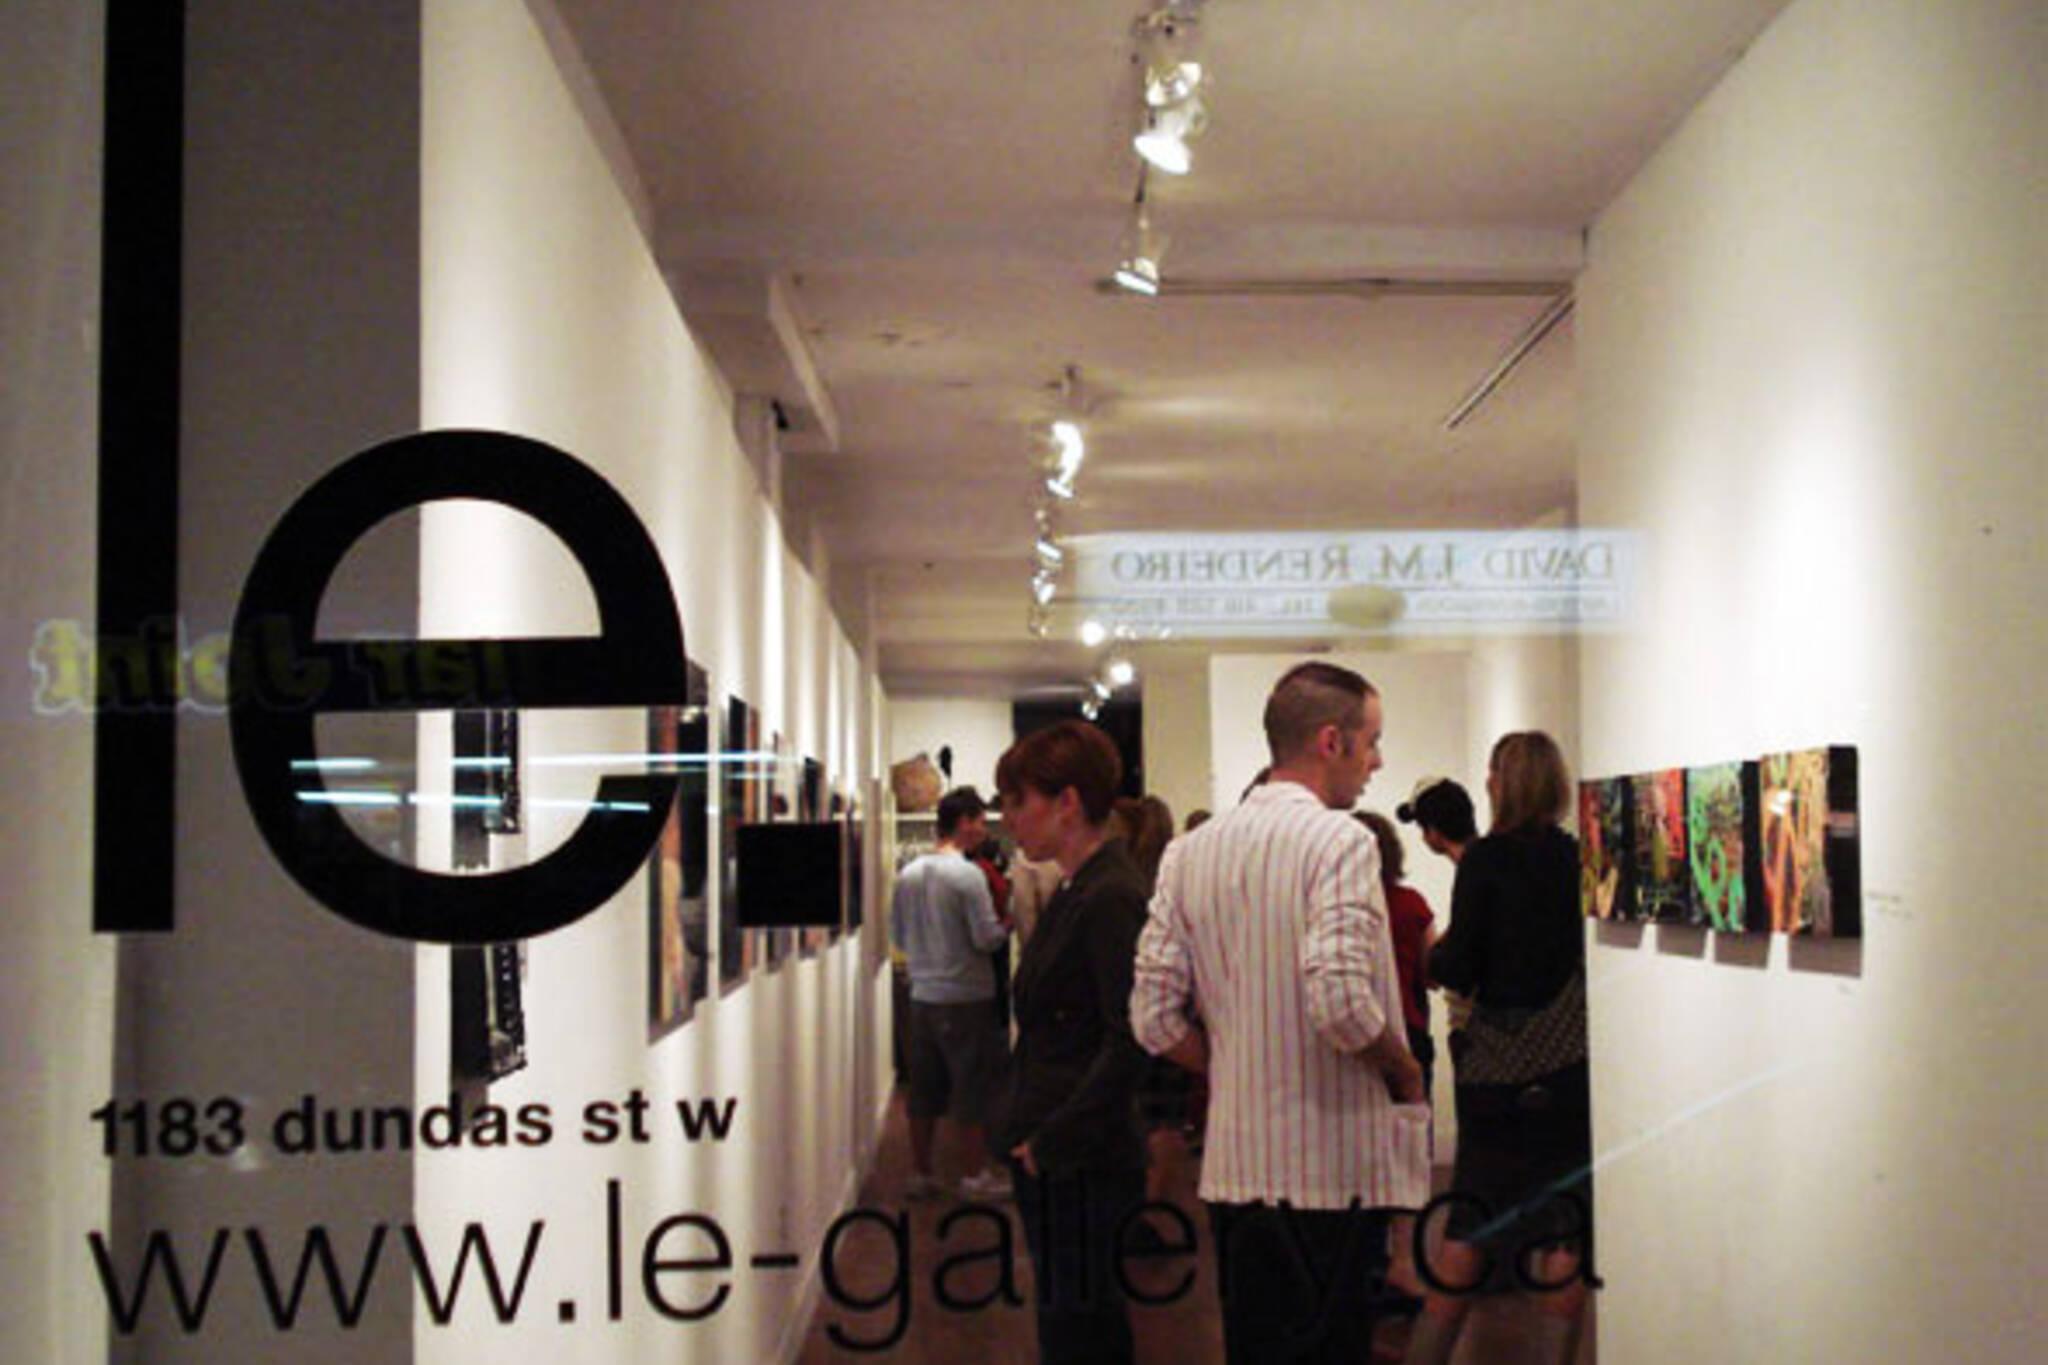 le_gallery